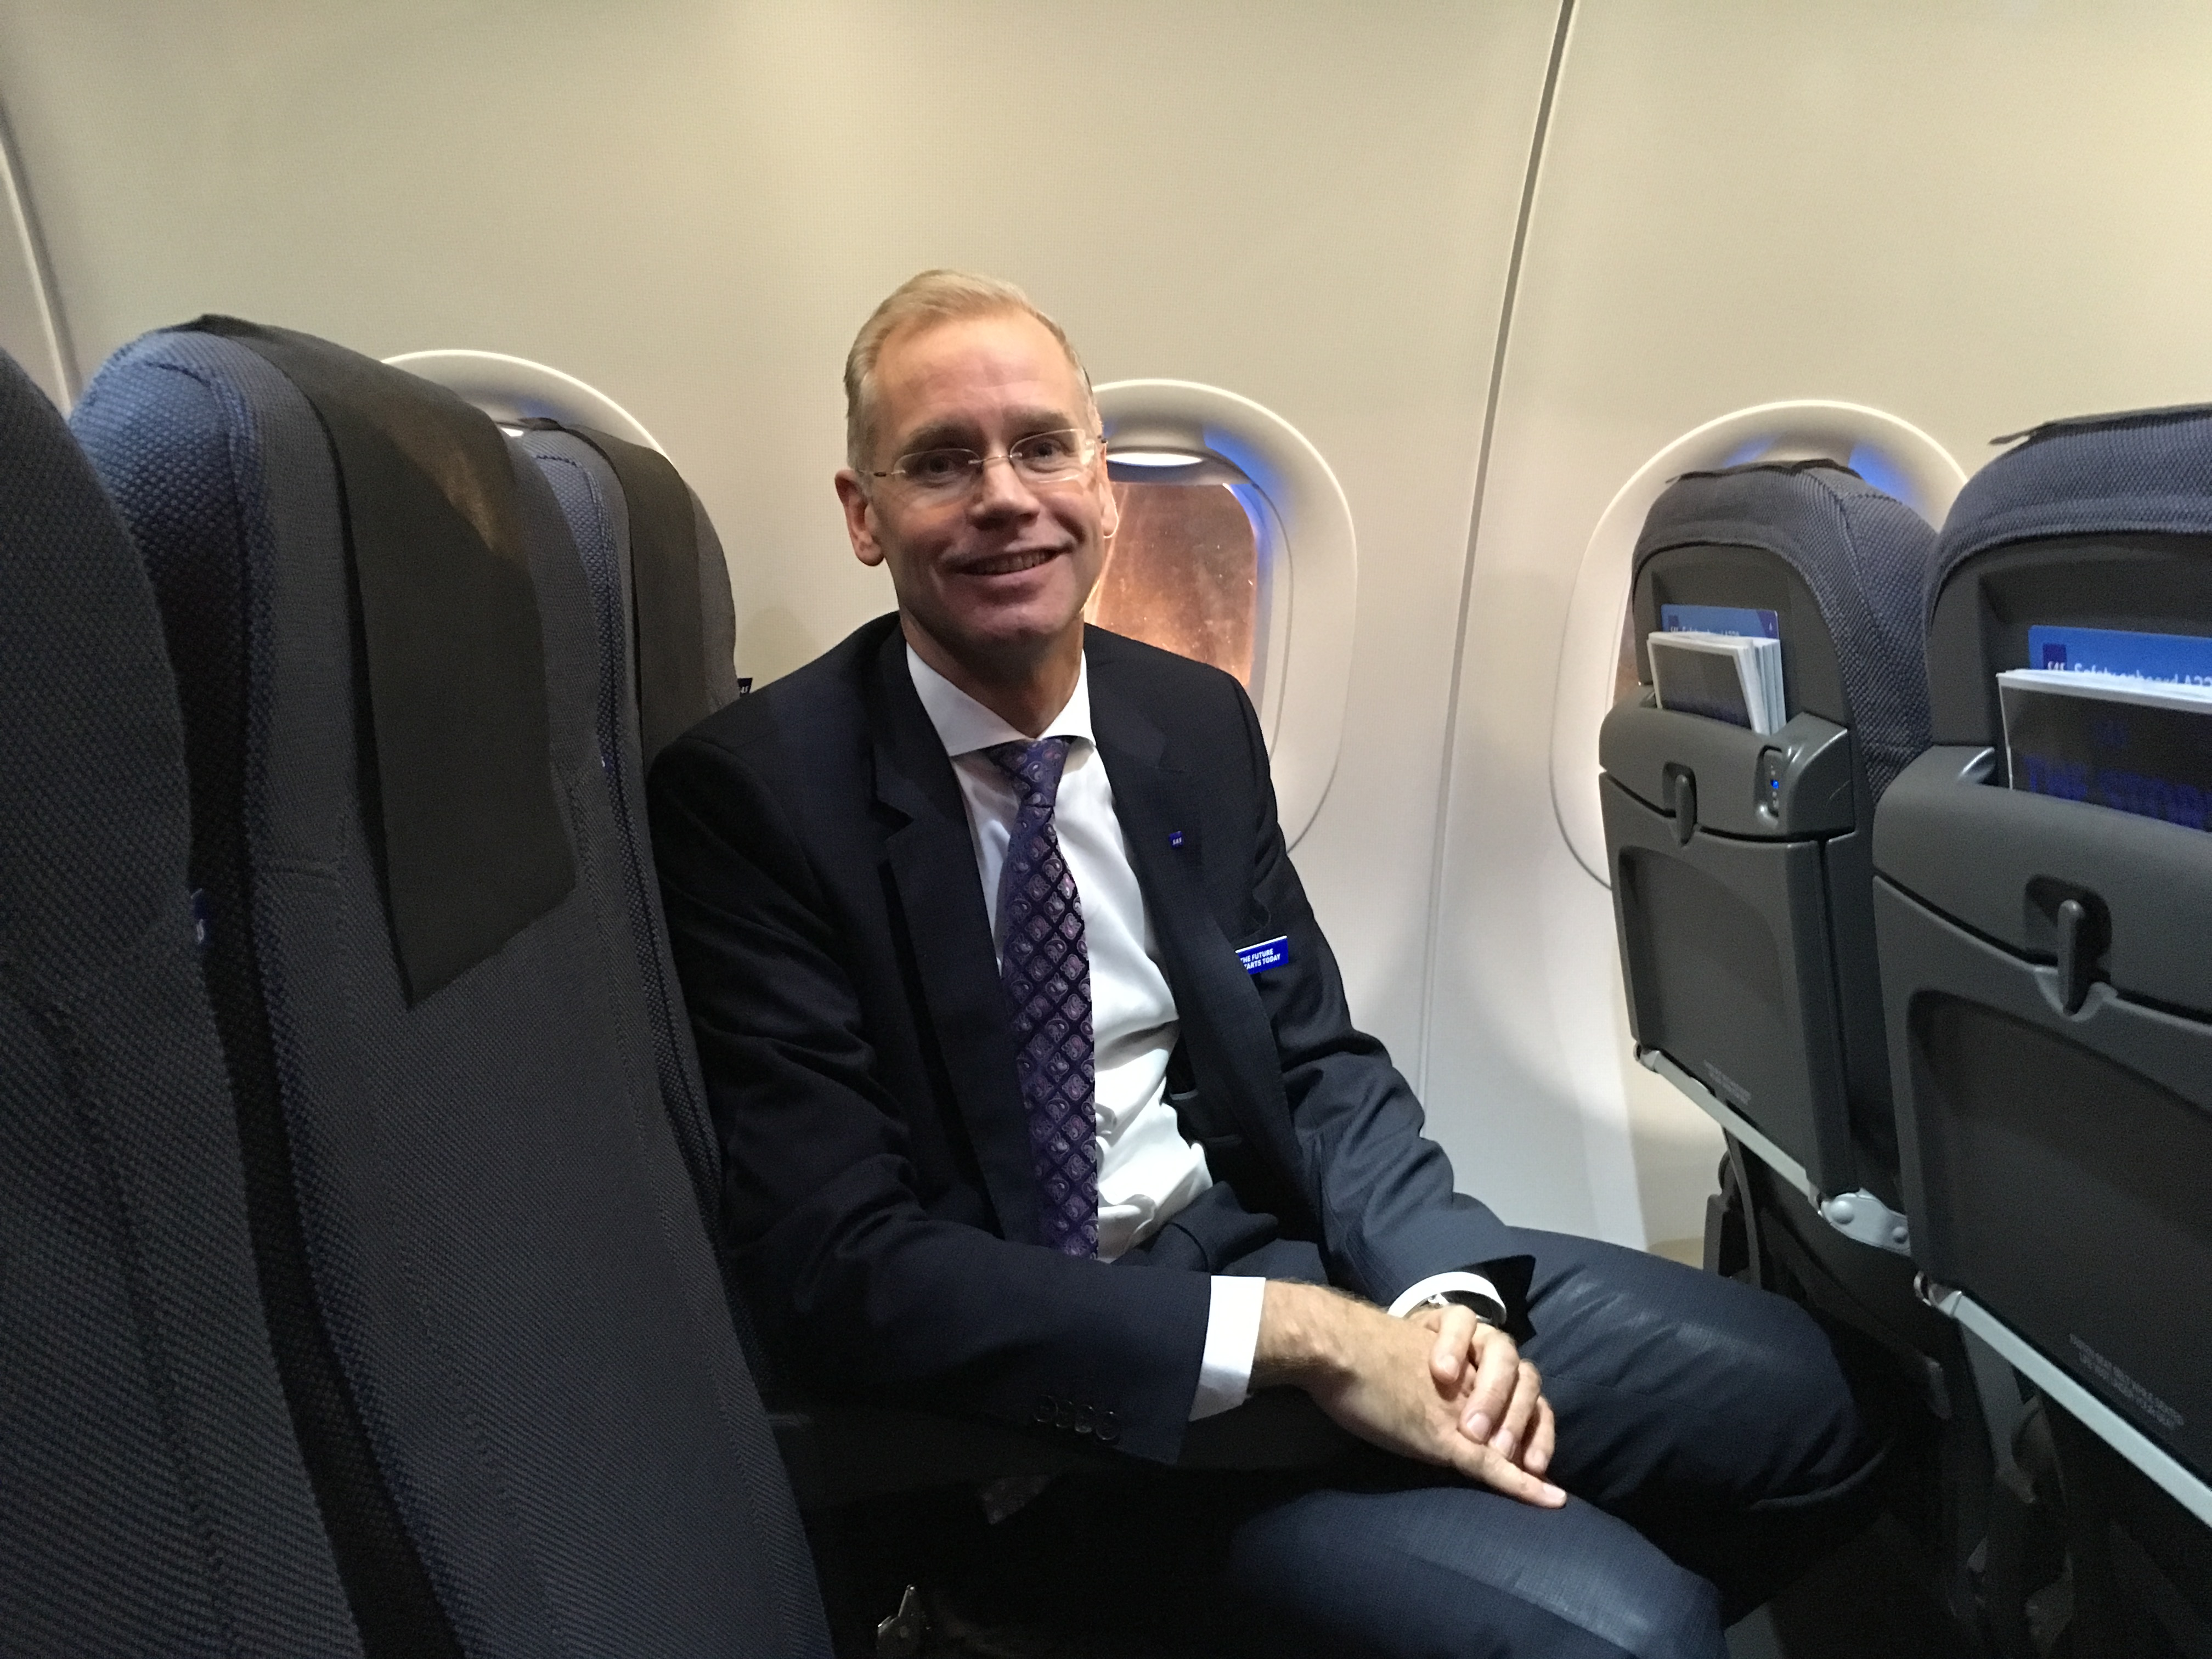 SAS-koncernchef Rickard Gustafson i selskabets nye A320neo. (Foto: Morten Lund Tiirikainen)